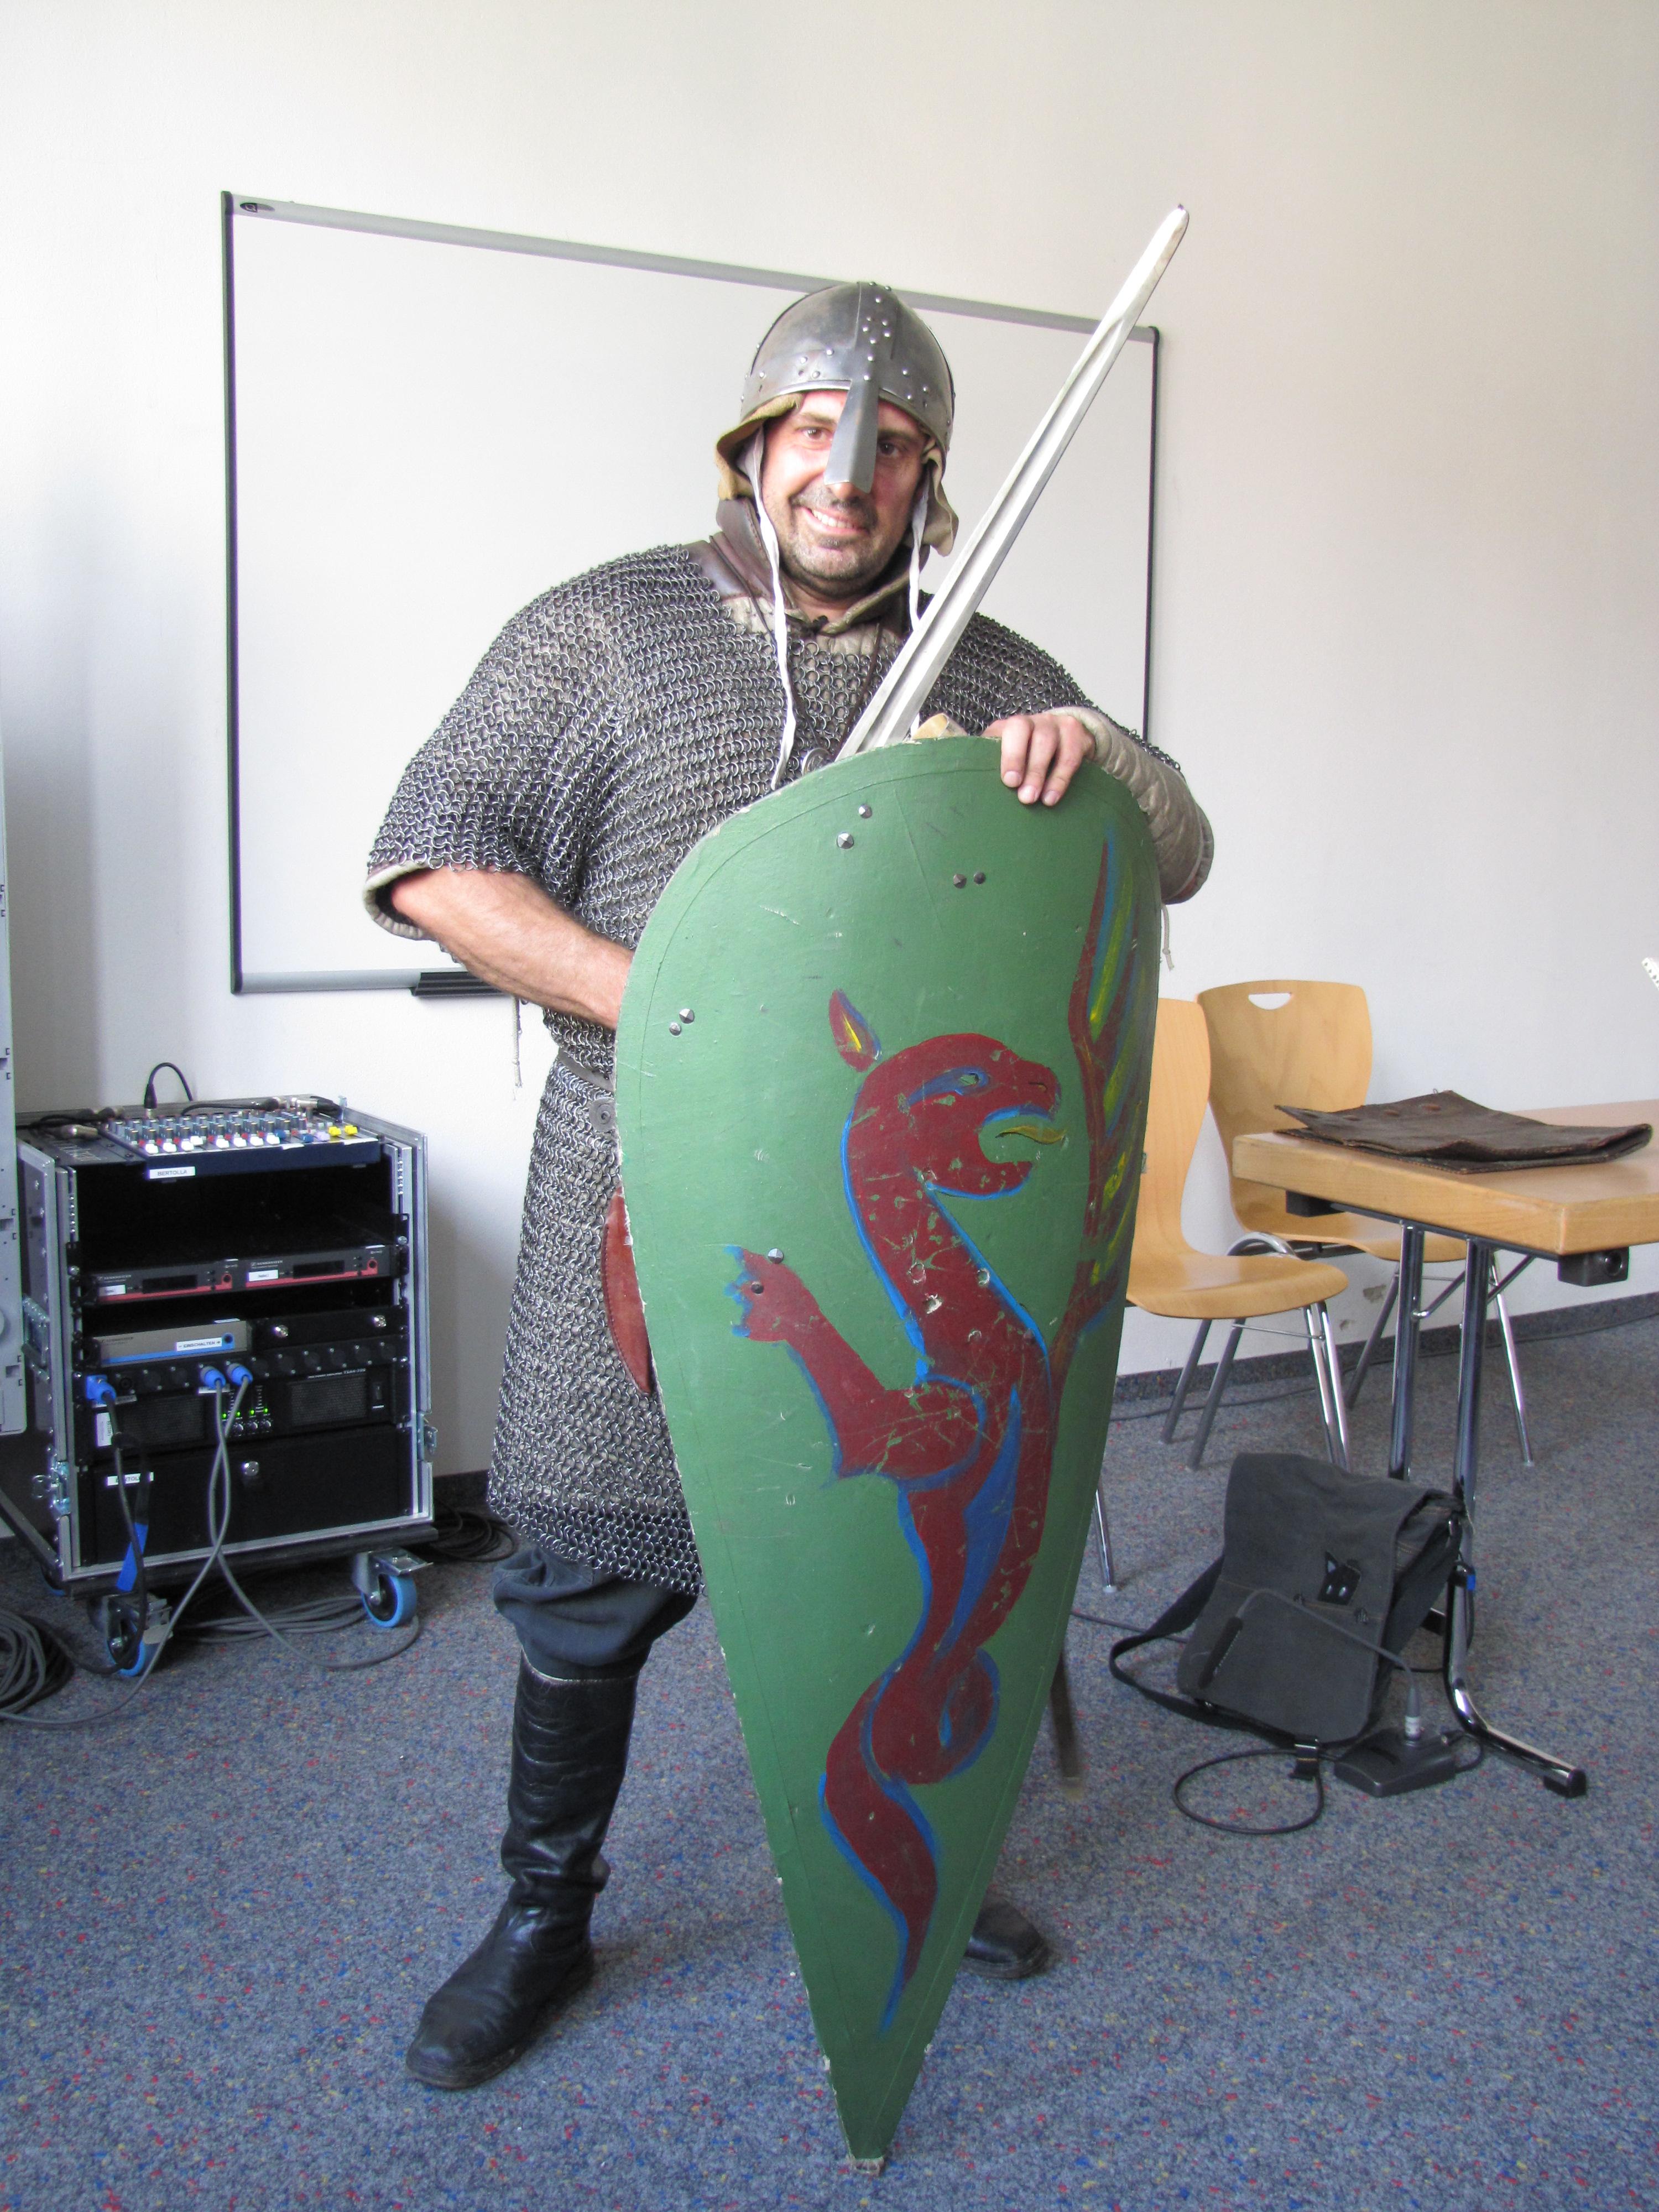 Drachenjäger mit Drachenschild, Schwert und Kettenhemd